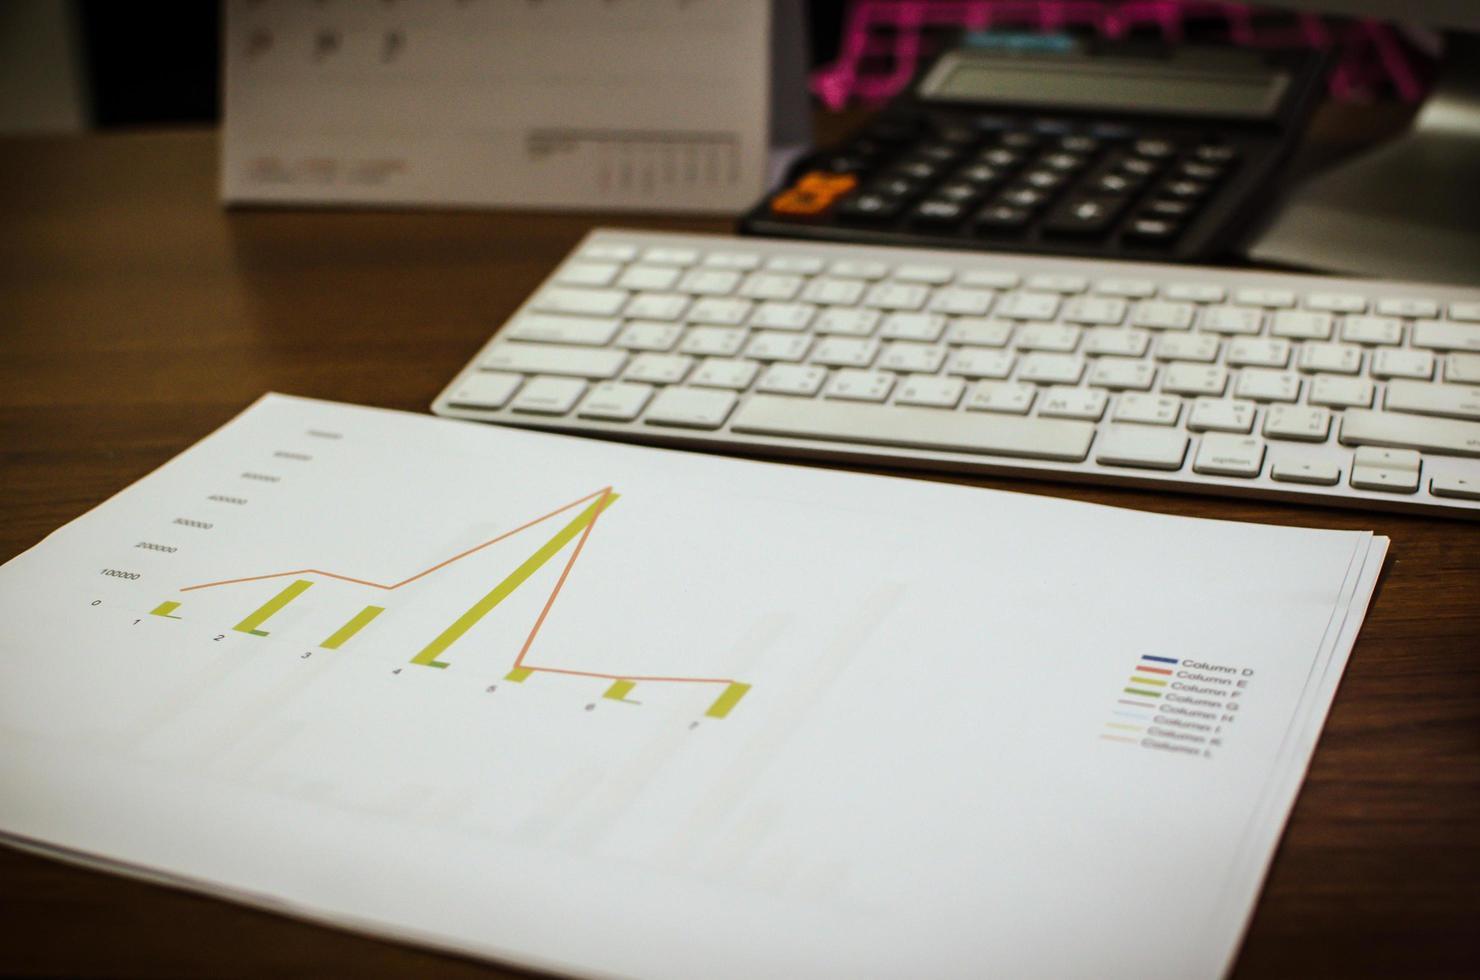 Konzept für Unternehmensfinanzierung, Buchhaltung, Statistik und analytische Forschung foto